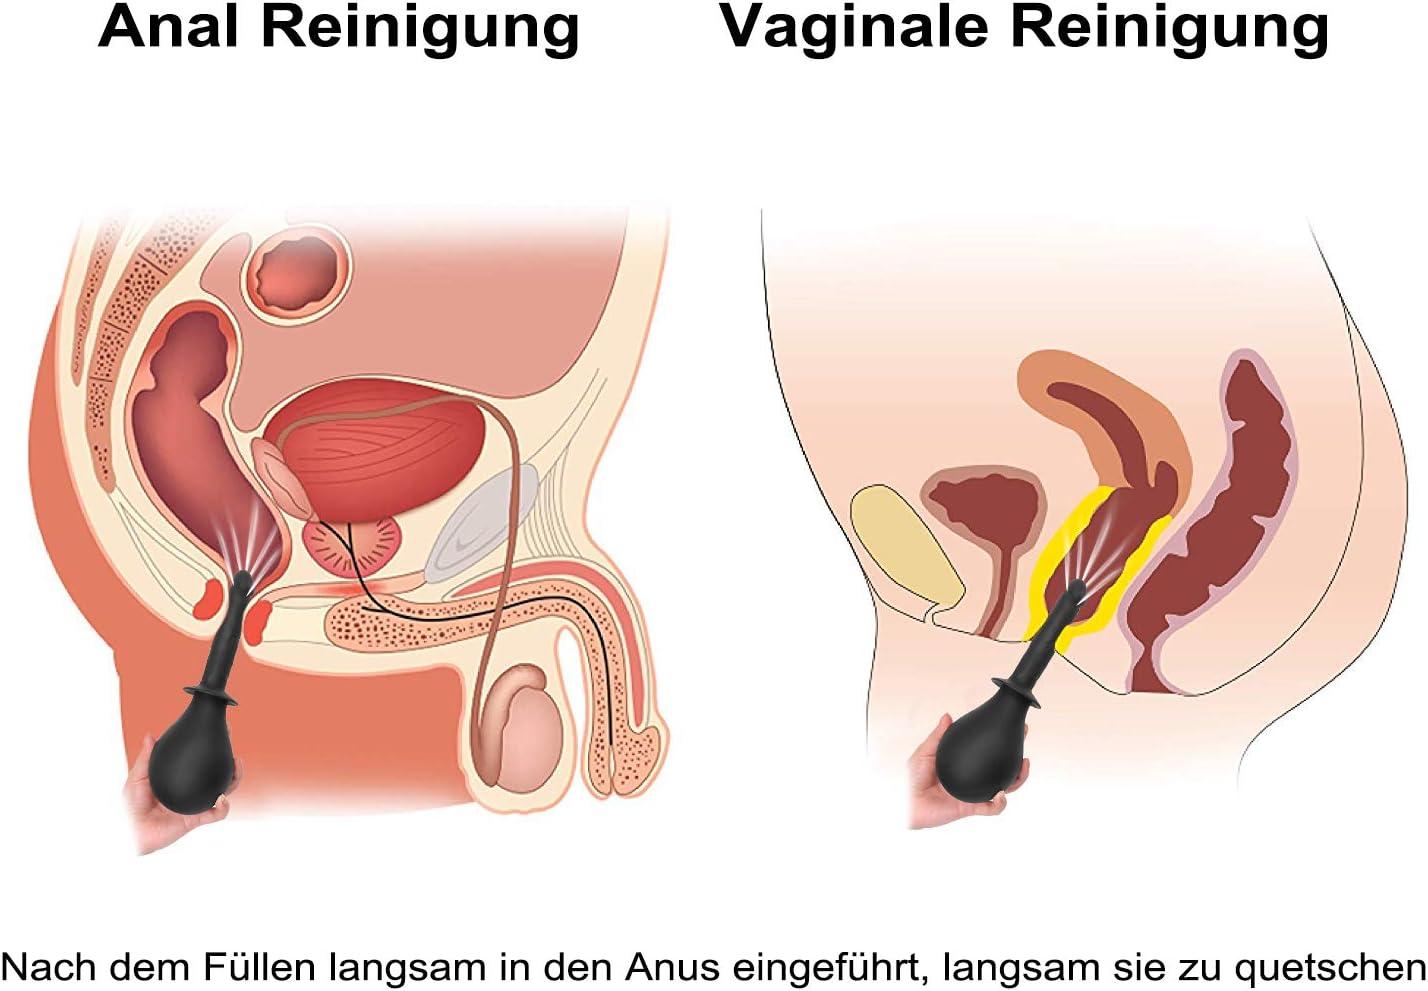 analsex reinigung